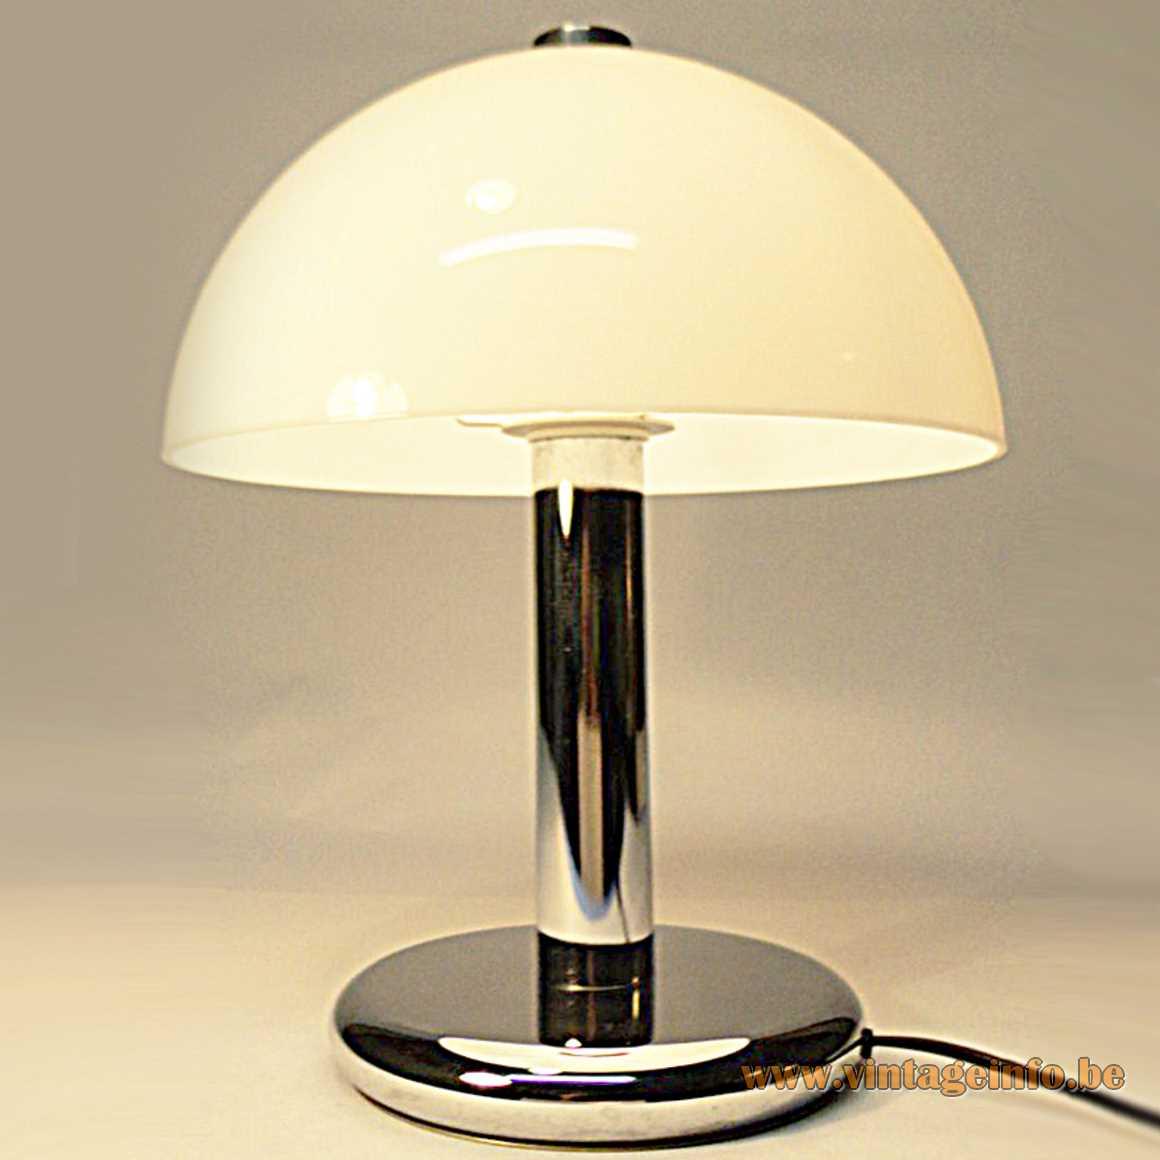 Acrylic & chrome mushroom table lamp chrome round base white acrylic lampshade Massive Belgium 1980s 1990s